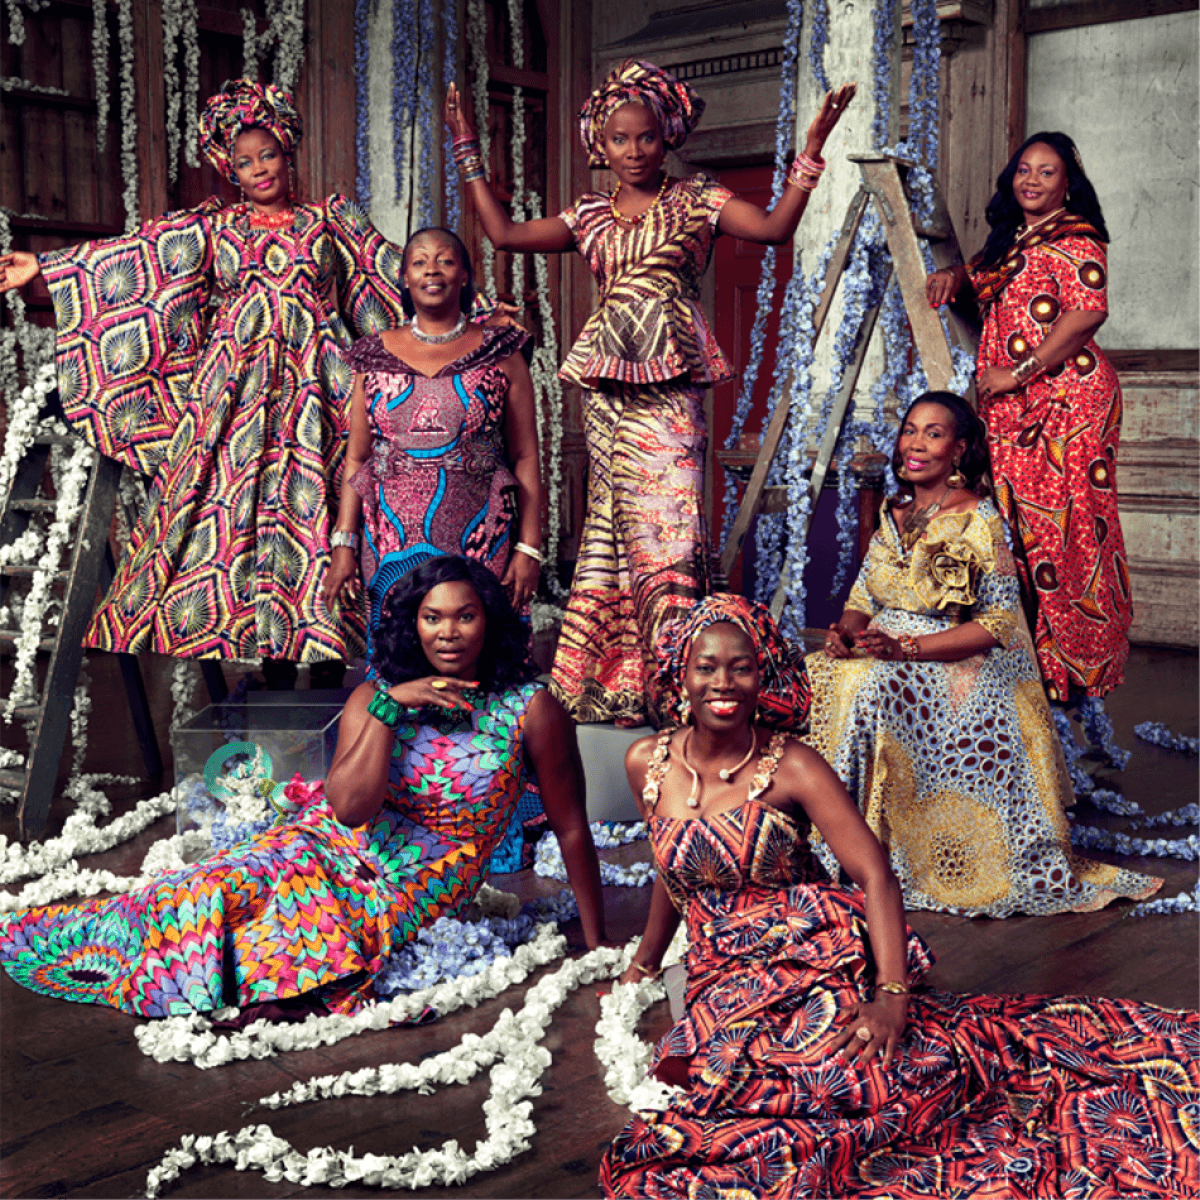 imagen de mujeres africanas en estampados de Vlisco